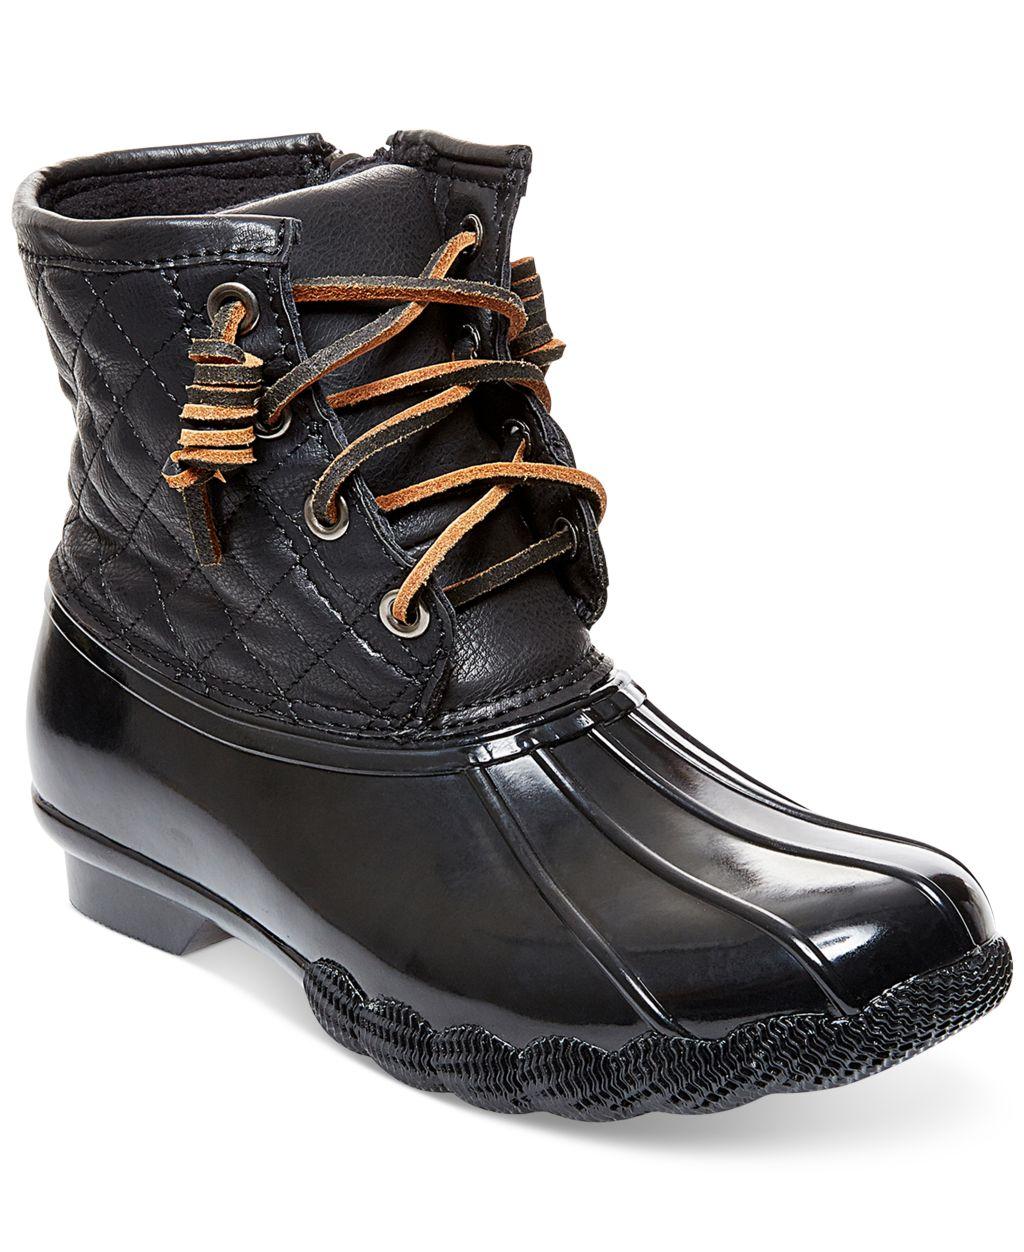 Steve Madden Leather/rubber Upper Tillis Duck Booties